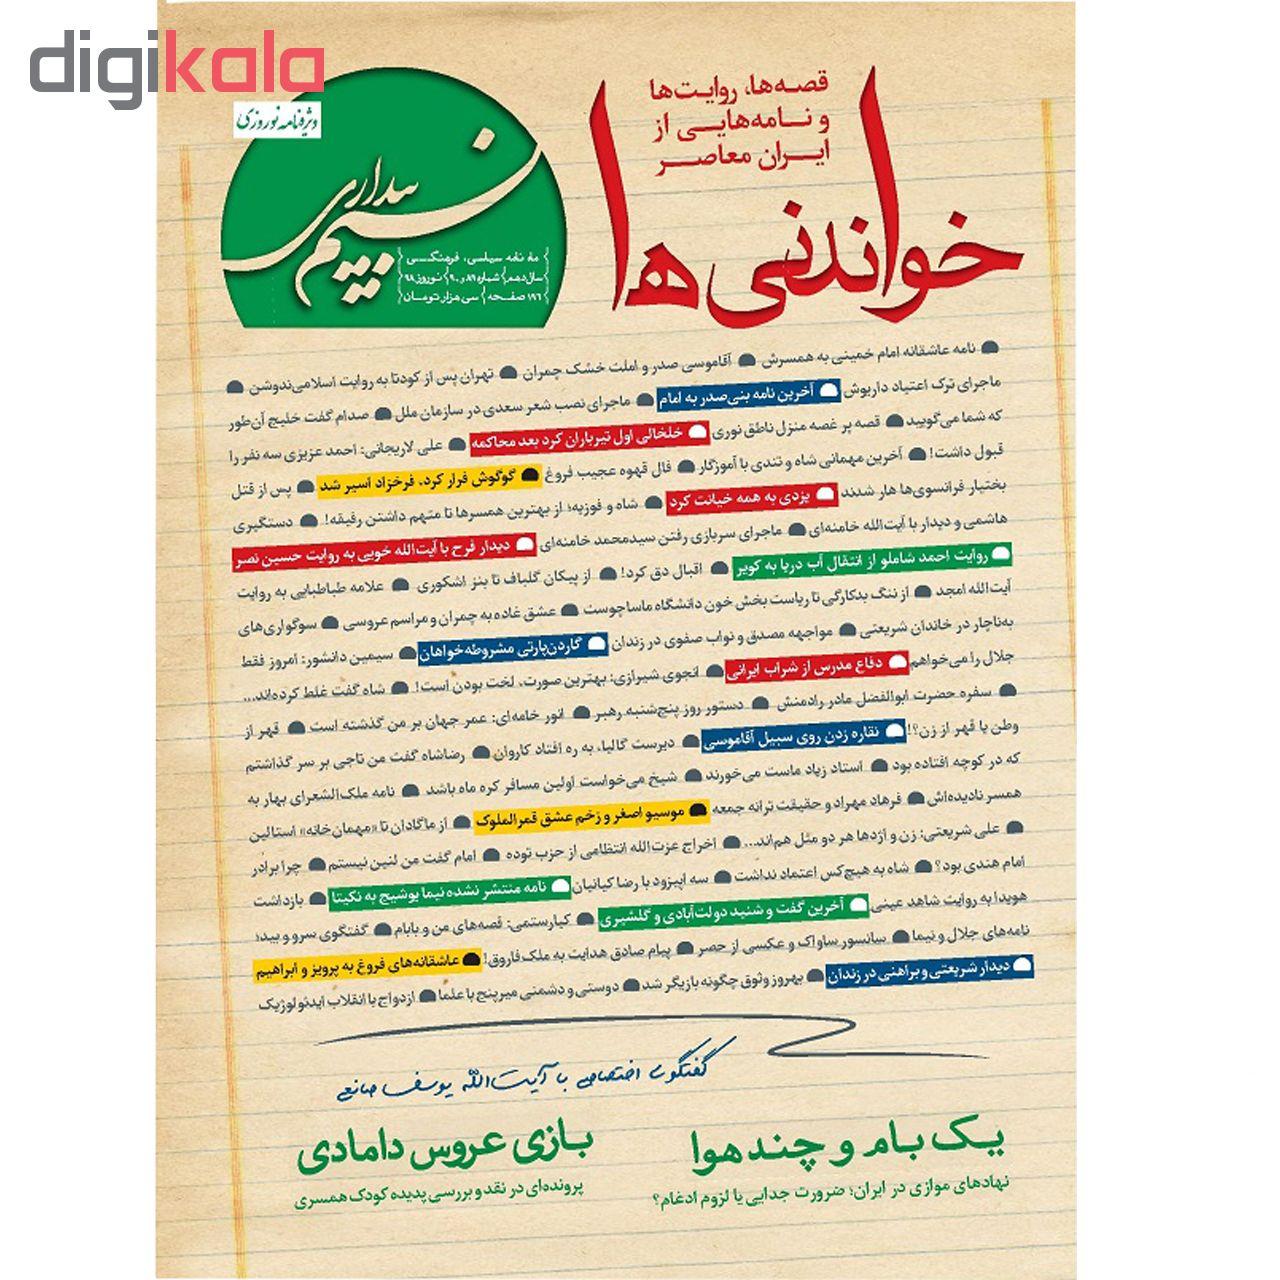 مجله نسیم بیداری ویژه نامه نوروزی سال 1398